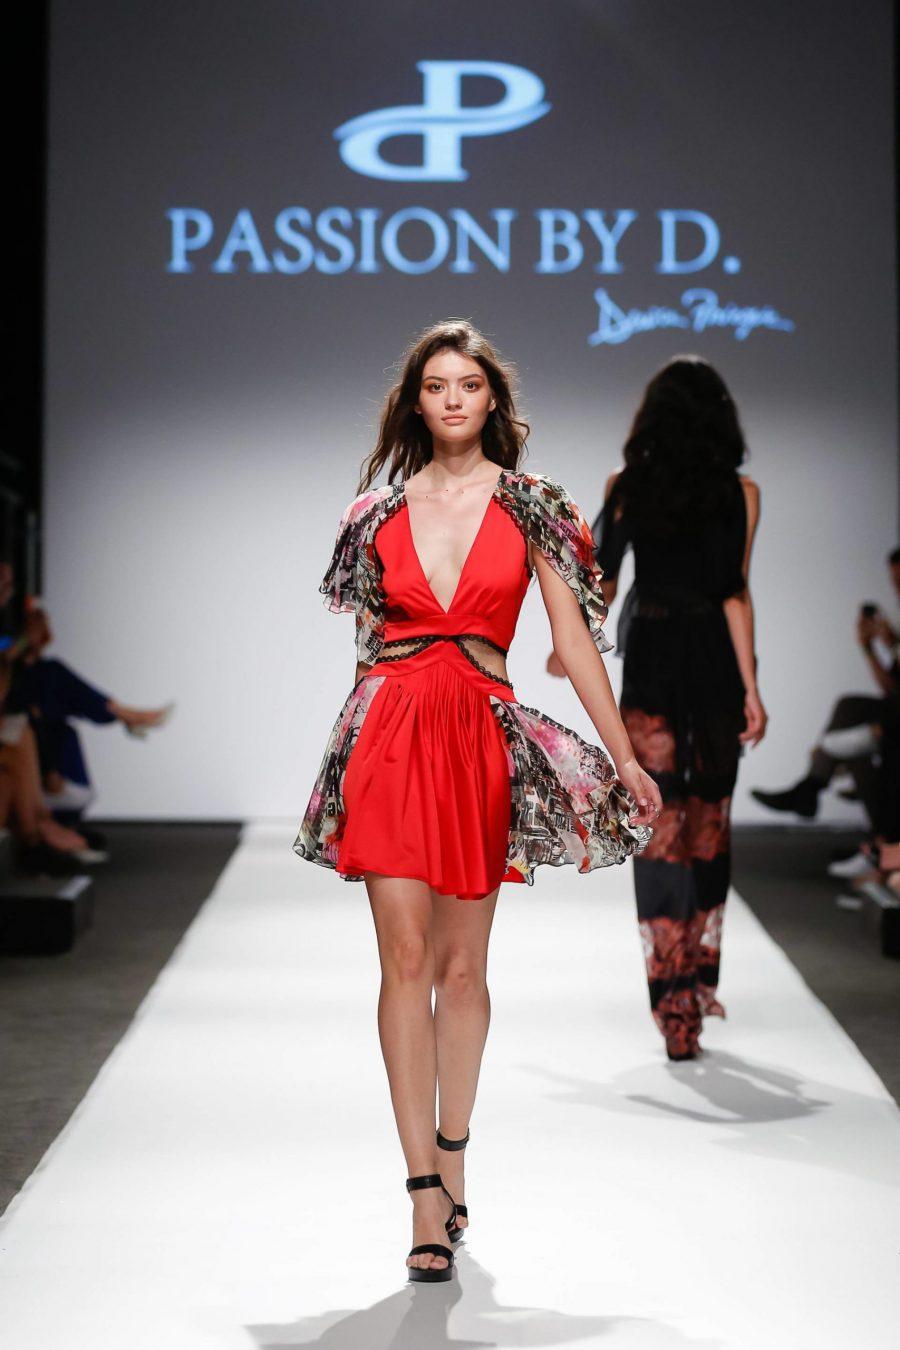 Rochie de cocktail cu decupaje laterale Vienna Fashion week 2019 - Passion by D